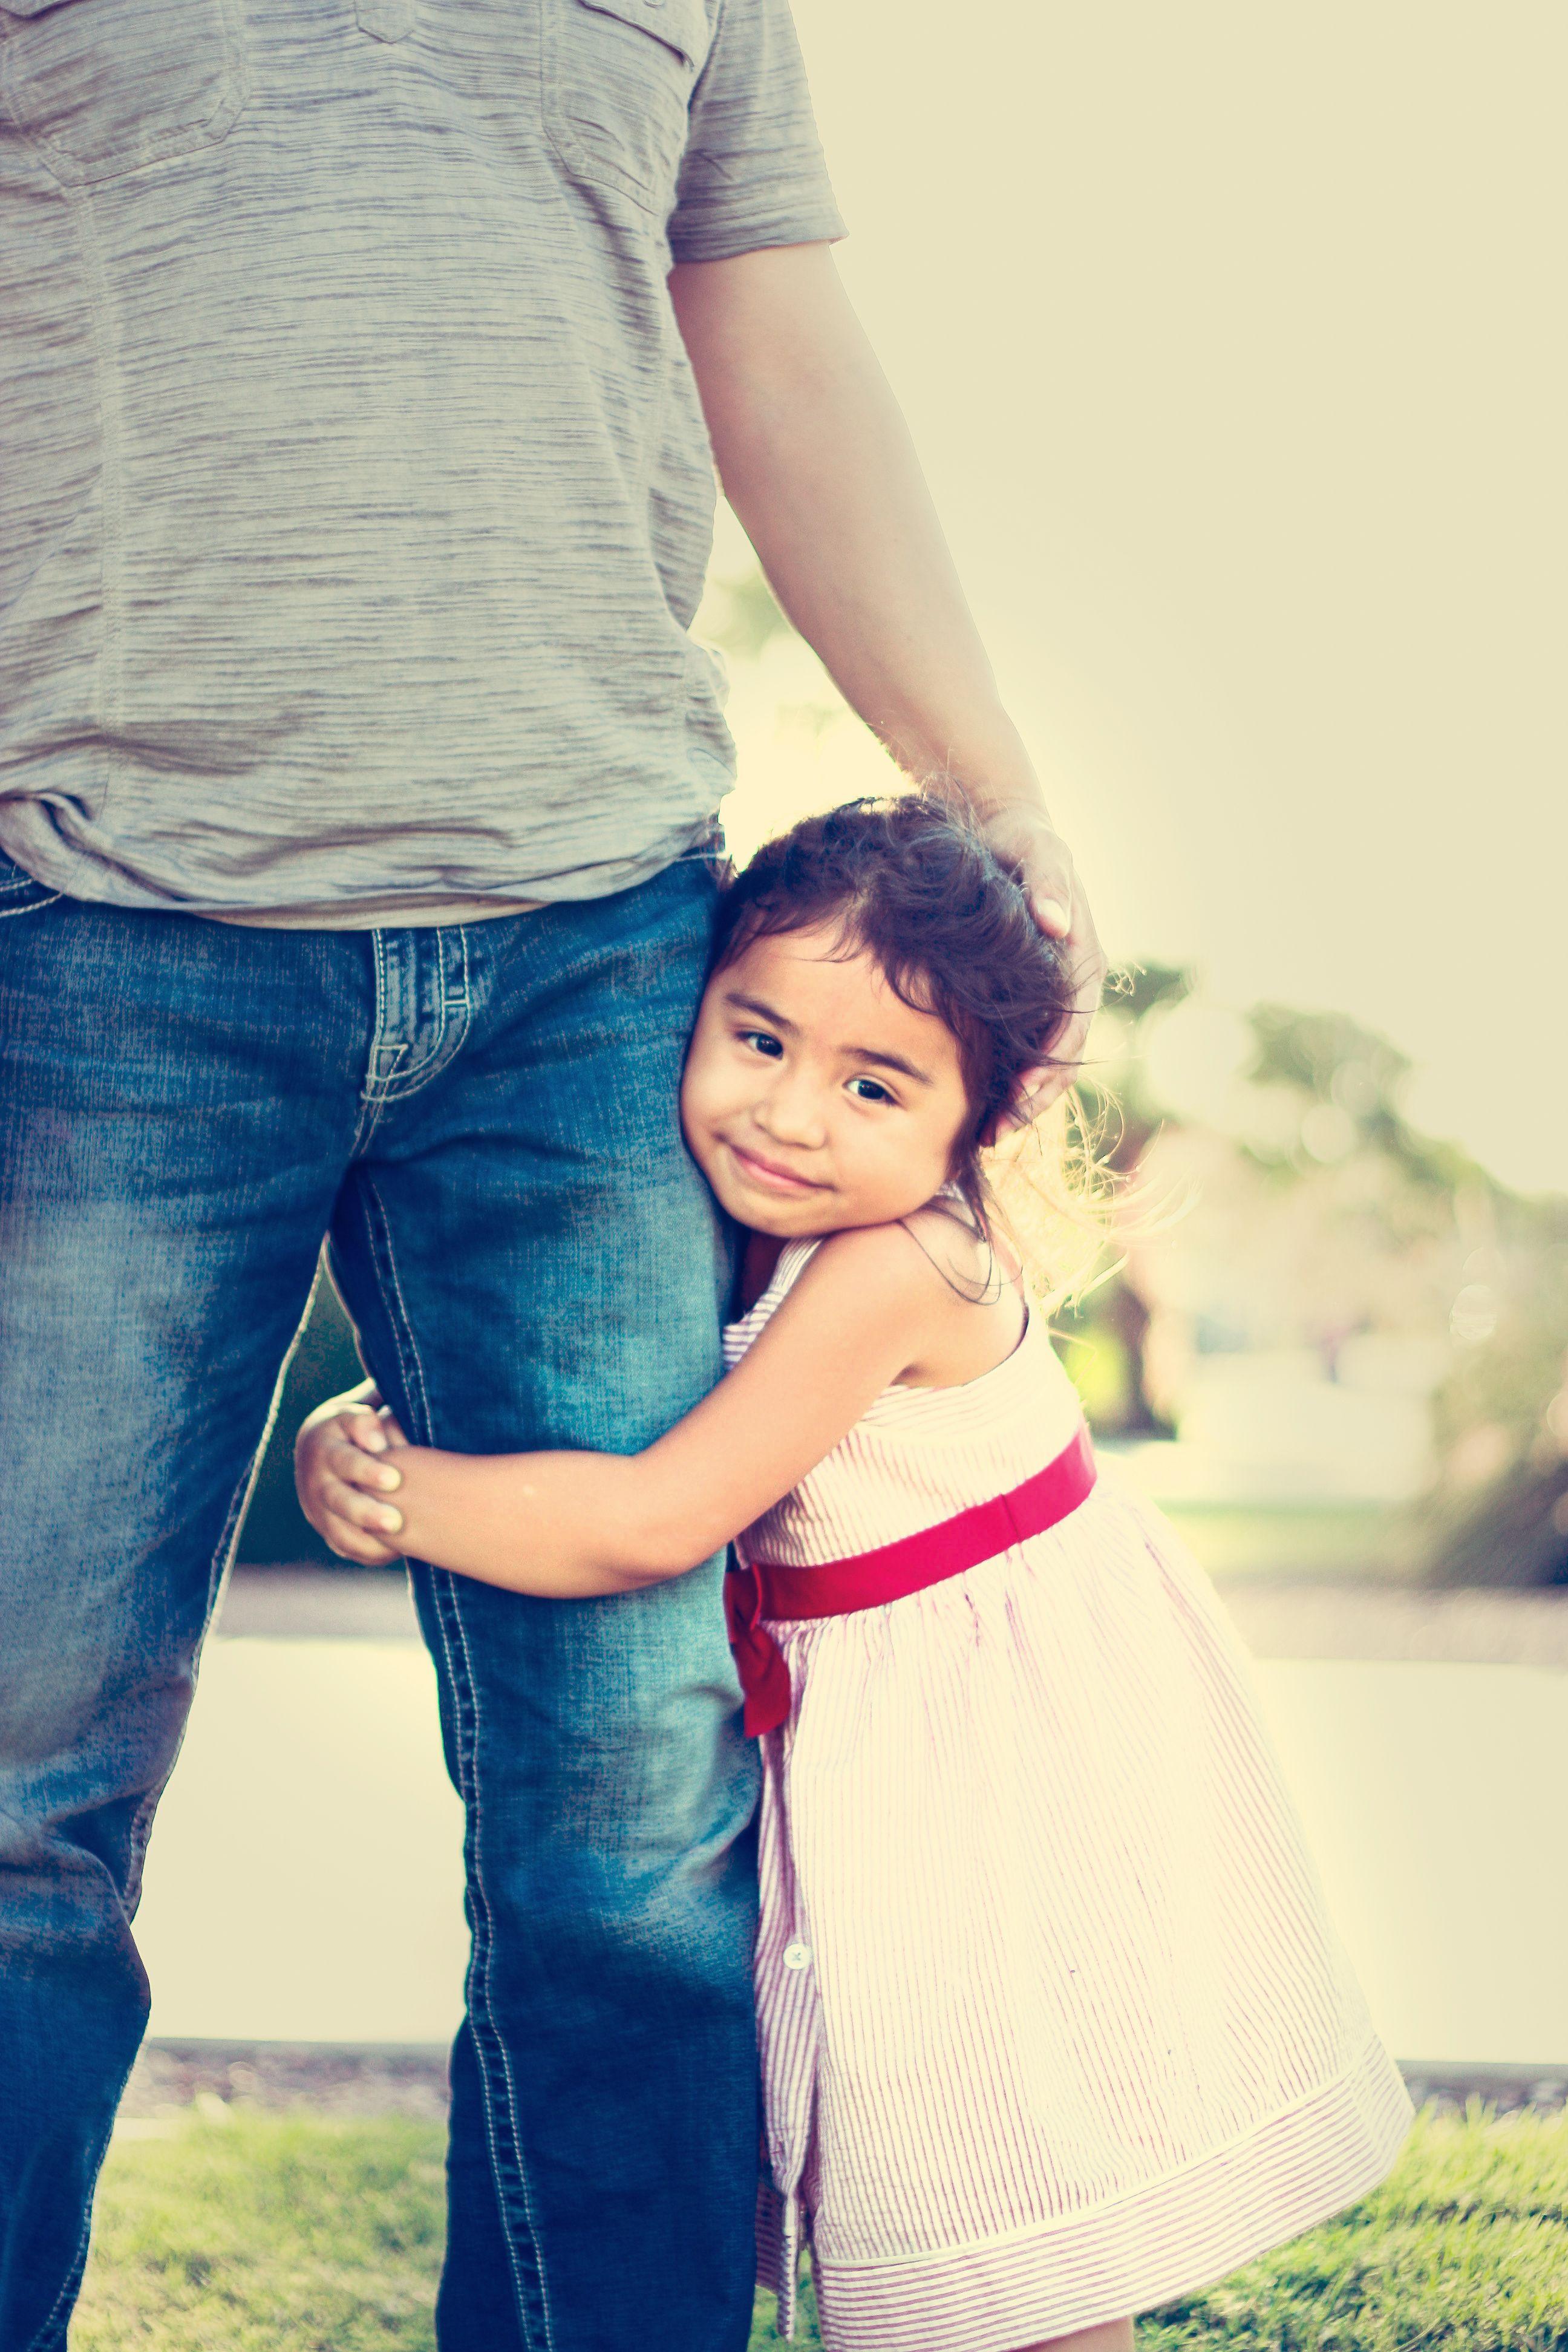 Αποτέλεσμα εικόνας για dad daughter